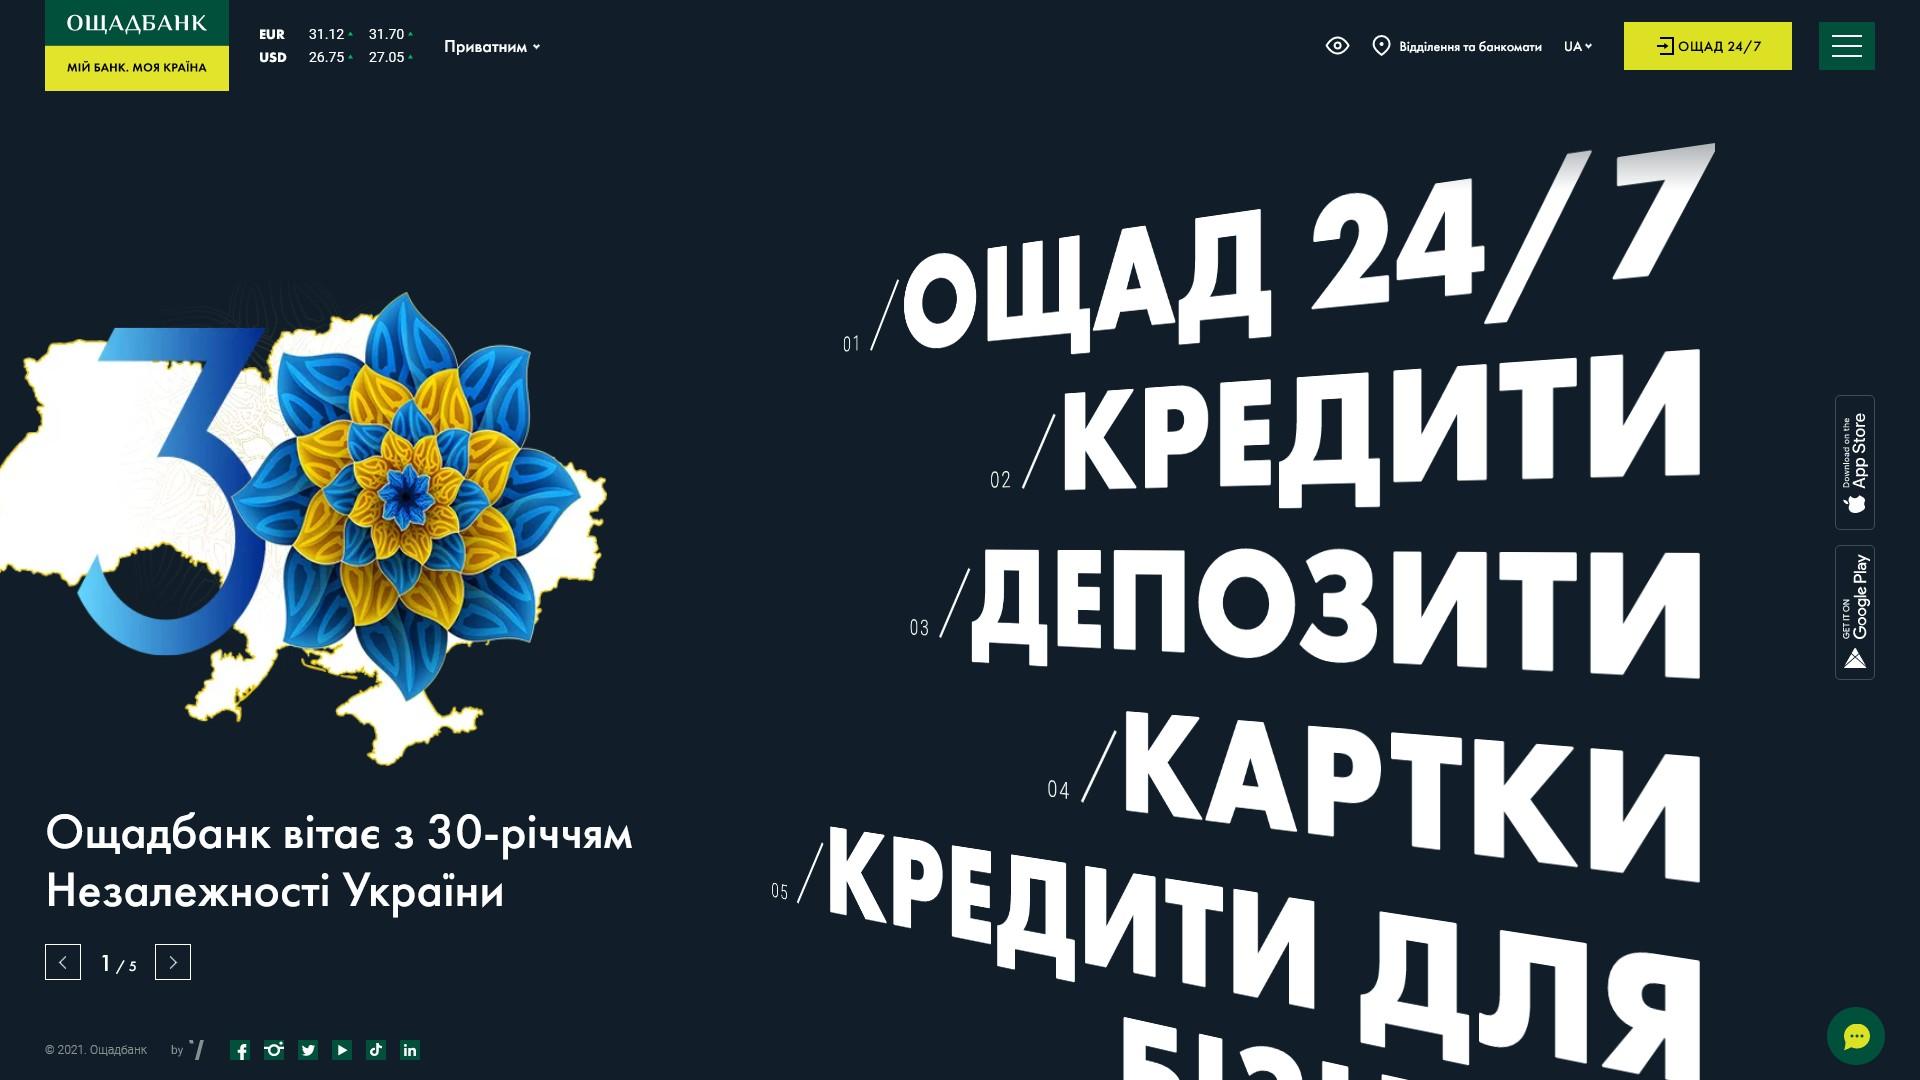 """Український """"Ощадбанк"""" презентував осучаснений сайт - ITC.ua"""